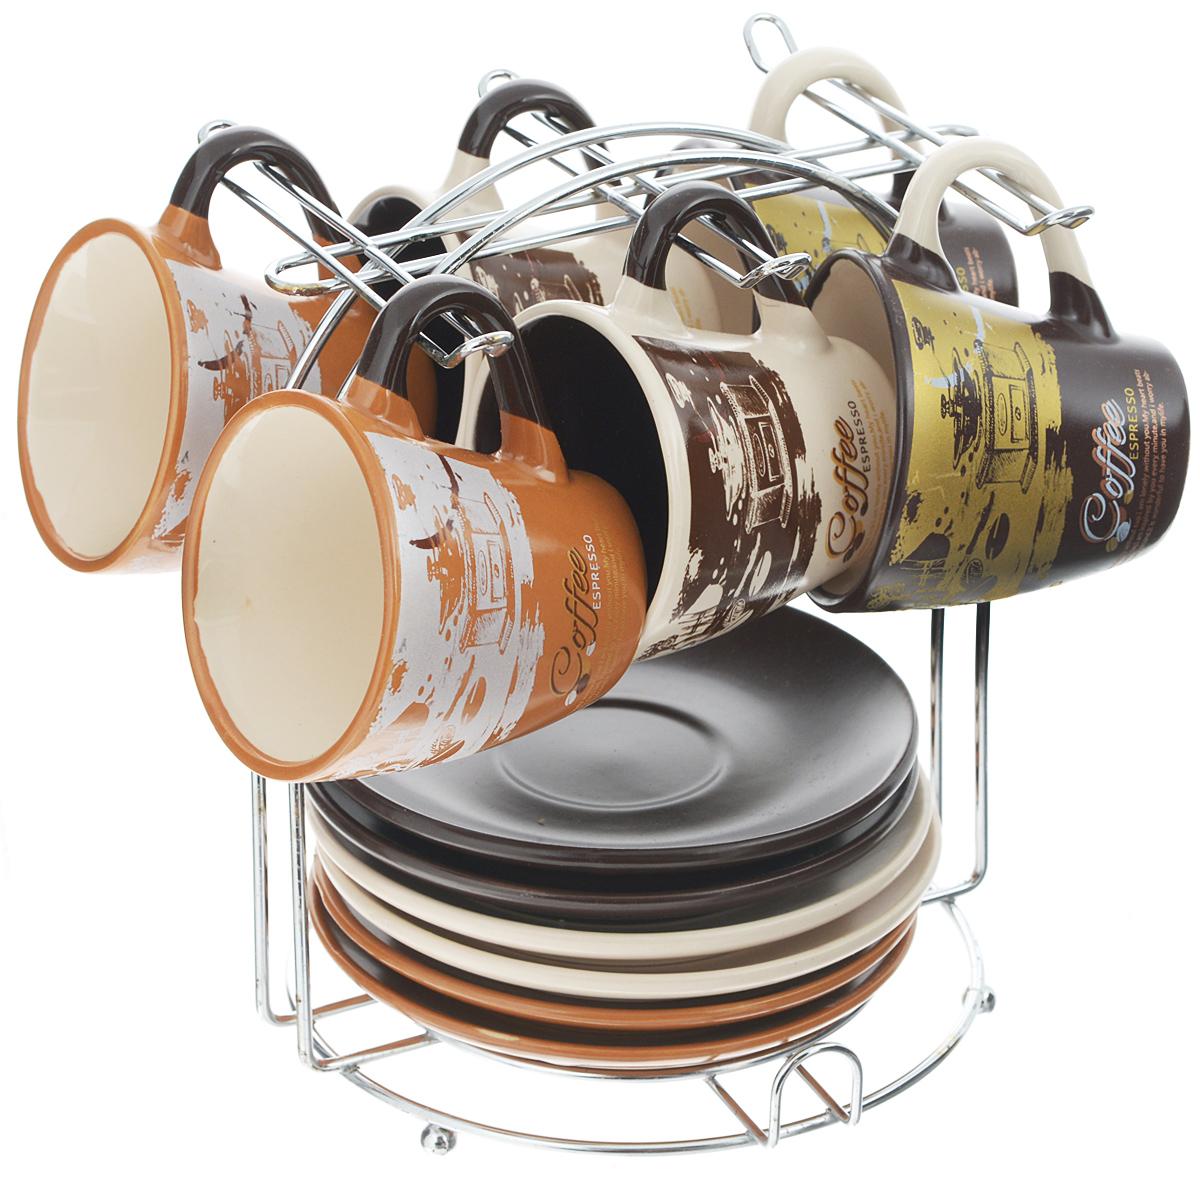 Набор кофейный Loraine, на подставке, 13 предметовVT-1520(SR)Кофейный набор Loraine состоит из 6 чашек, 6 блюдец и подставки. Изделия выполнены из высококачественной керамики, имеют яркий дизайн и размещены на металлической подставке. Такой набор прекрасно подойдет как для повседневного использования, так и для праздников. Диаметр чашки (по верхнему краю): 6,5 см. Высота чашки: 6 см. Диаметр блюдца: 11,5 см. Высота блюдца: 1,7 см.Объем чашки: 90 мл. Размер подставки: 15,5 х 15 х 17 см.